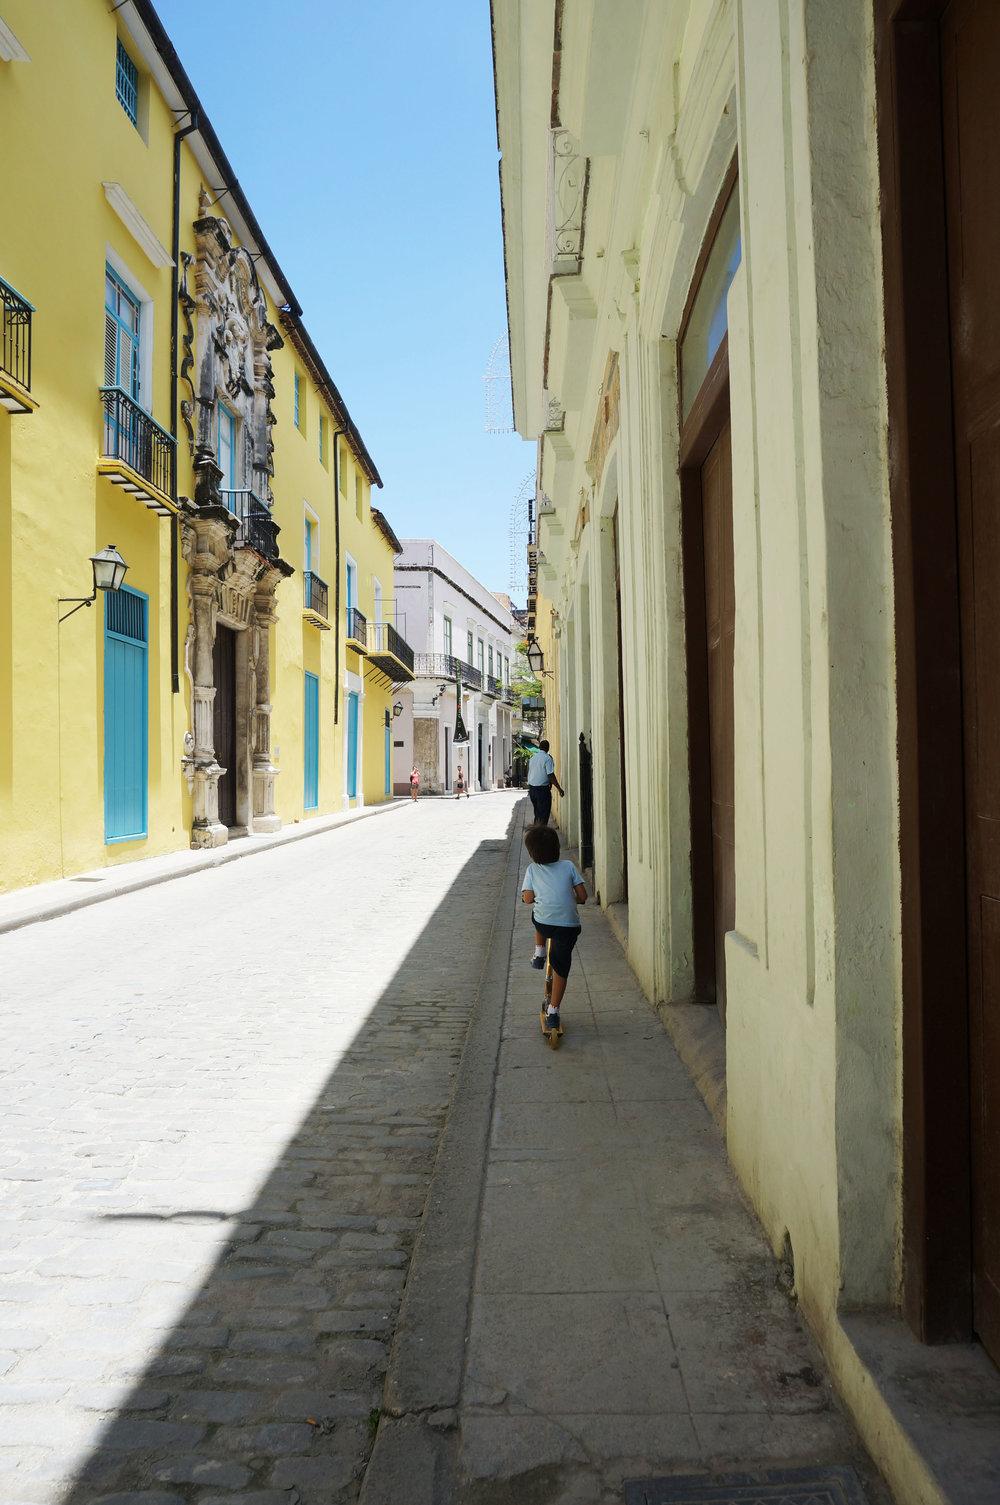 In Habana Vieja